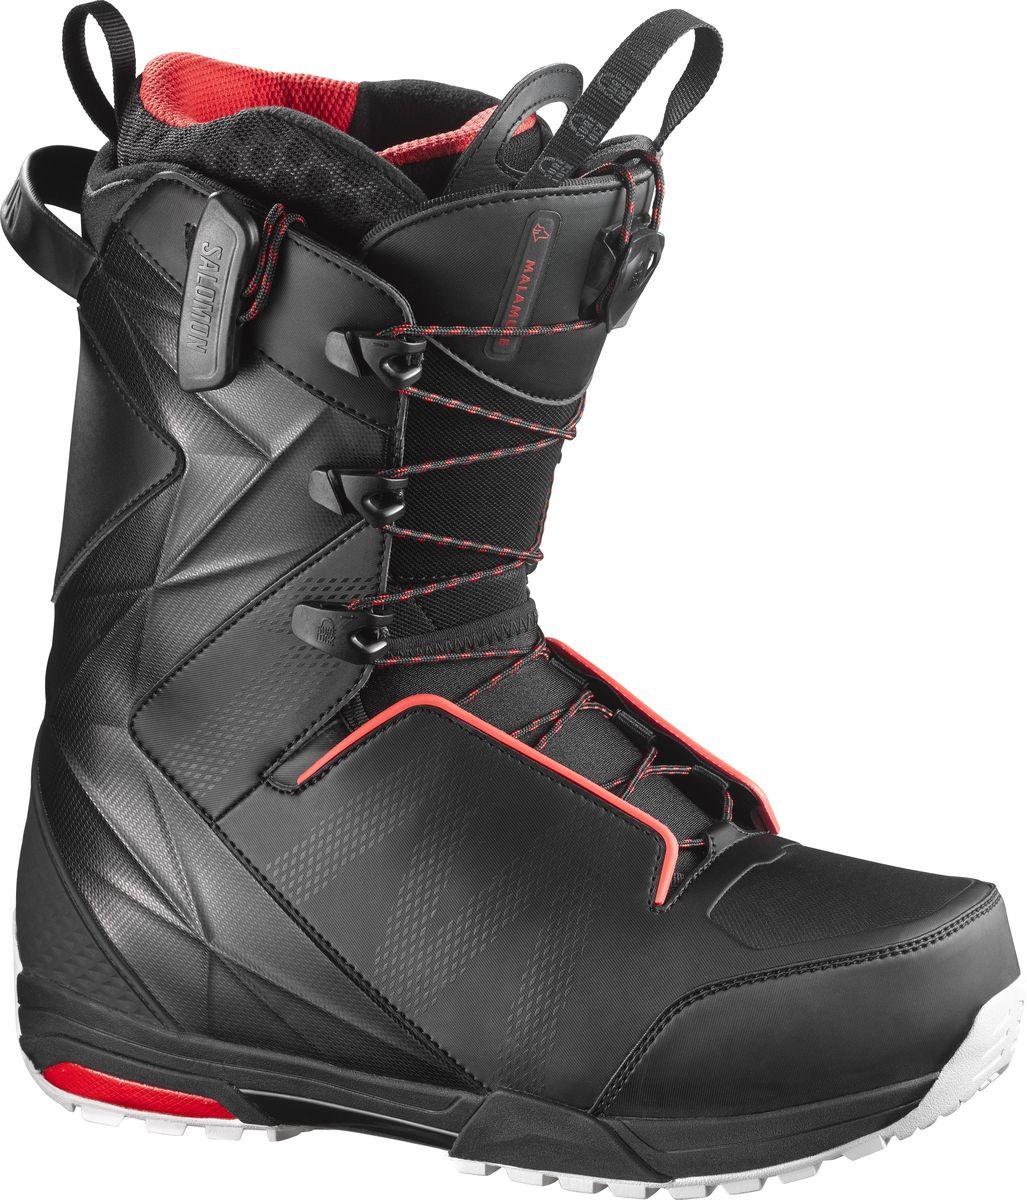 Ботинки для сноуборда Salomon Malamute, цвет: черный. Размер 29 (44)L39359500Самые гибкие ботинки для сноубординга Malamute с непревзойденной поддержкой поставляются в комплекте с новой стелькой двойной плотности Ortholite C3, которую отличают пена с эффектом памяти и пяточная чашка из сополимера EVA, и внутренним ботинком Platinum 4D для максимально комфортного катания. Встроенный ремешок задника Integrated Heel-Strap, вставка Power Frame и Energizer Bars обеспечивают индивидуальную и четкую посадку по ноге. В модели используются подошва Hike, гарантирующая отличное сцепление, и знаменитая шнуровка PowerLock, которая отлично фиксирует ногу.